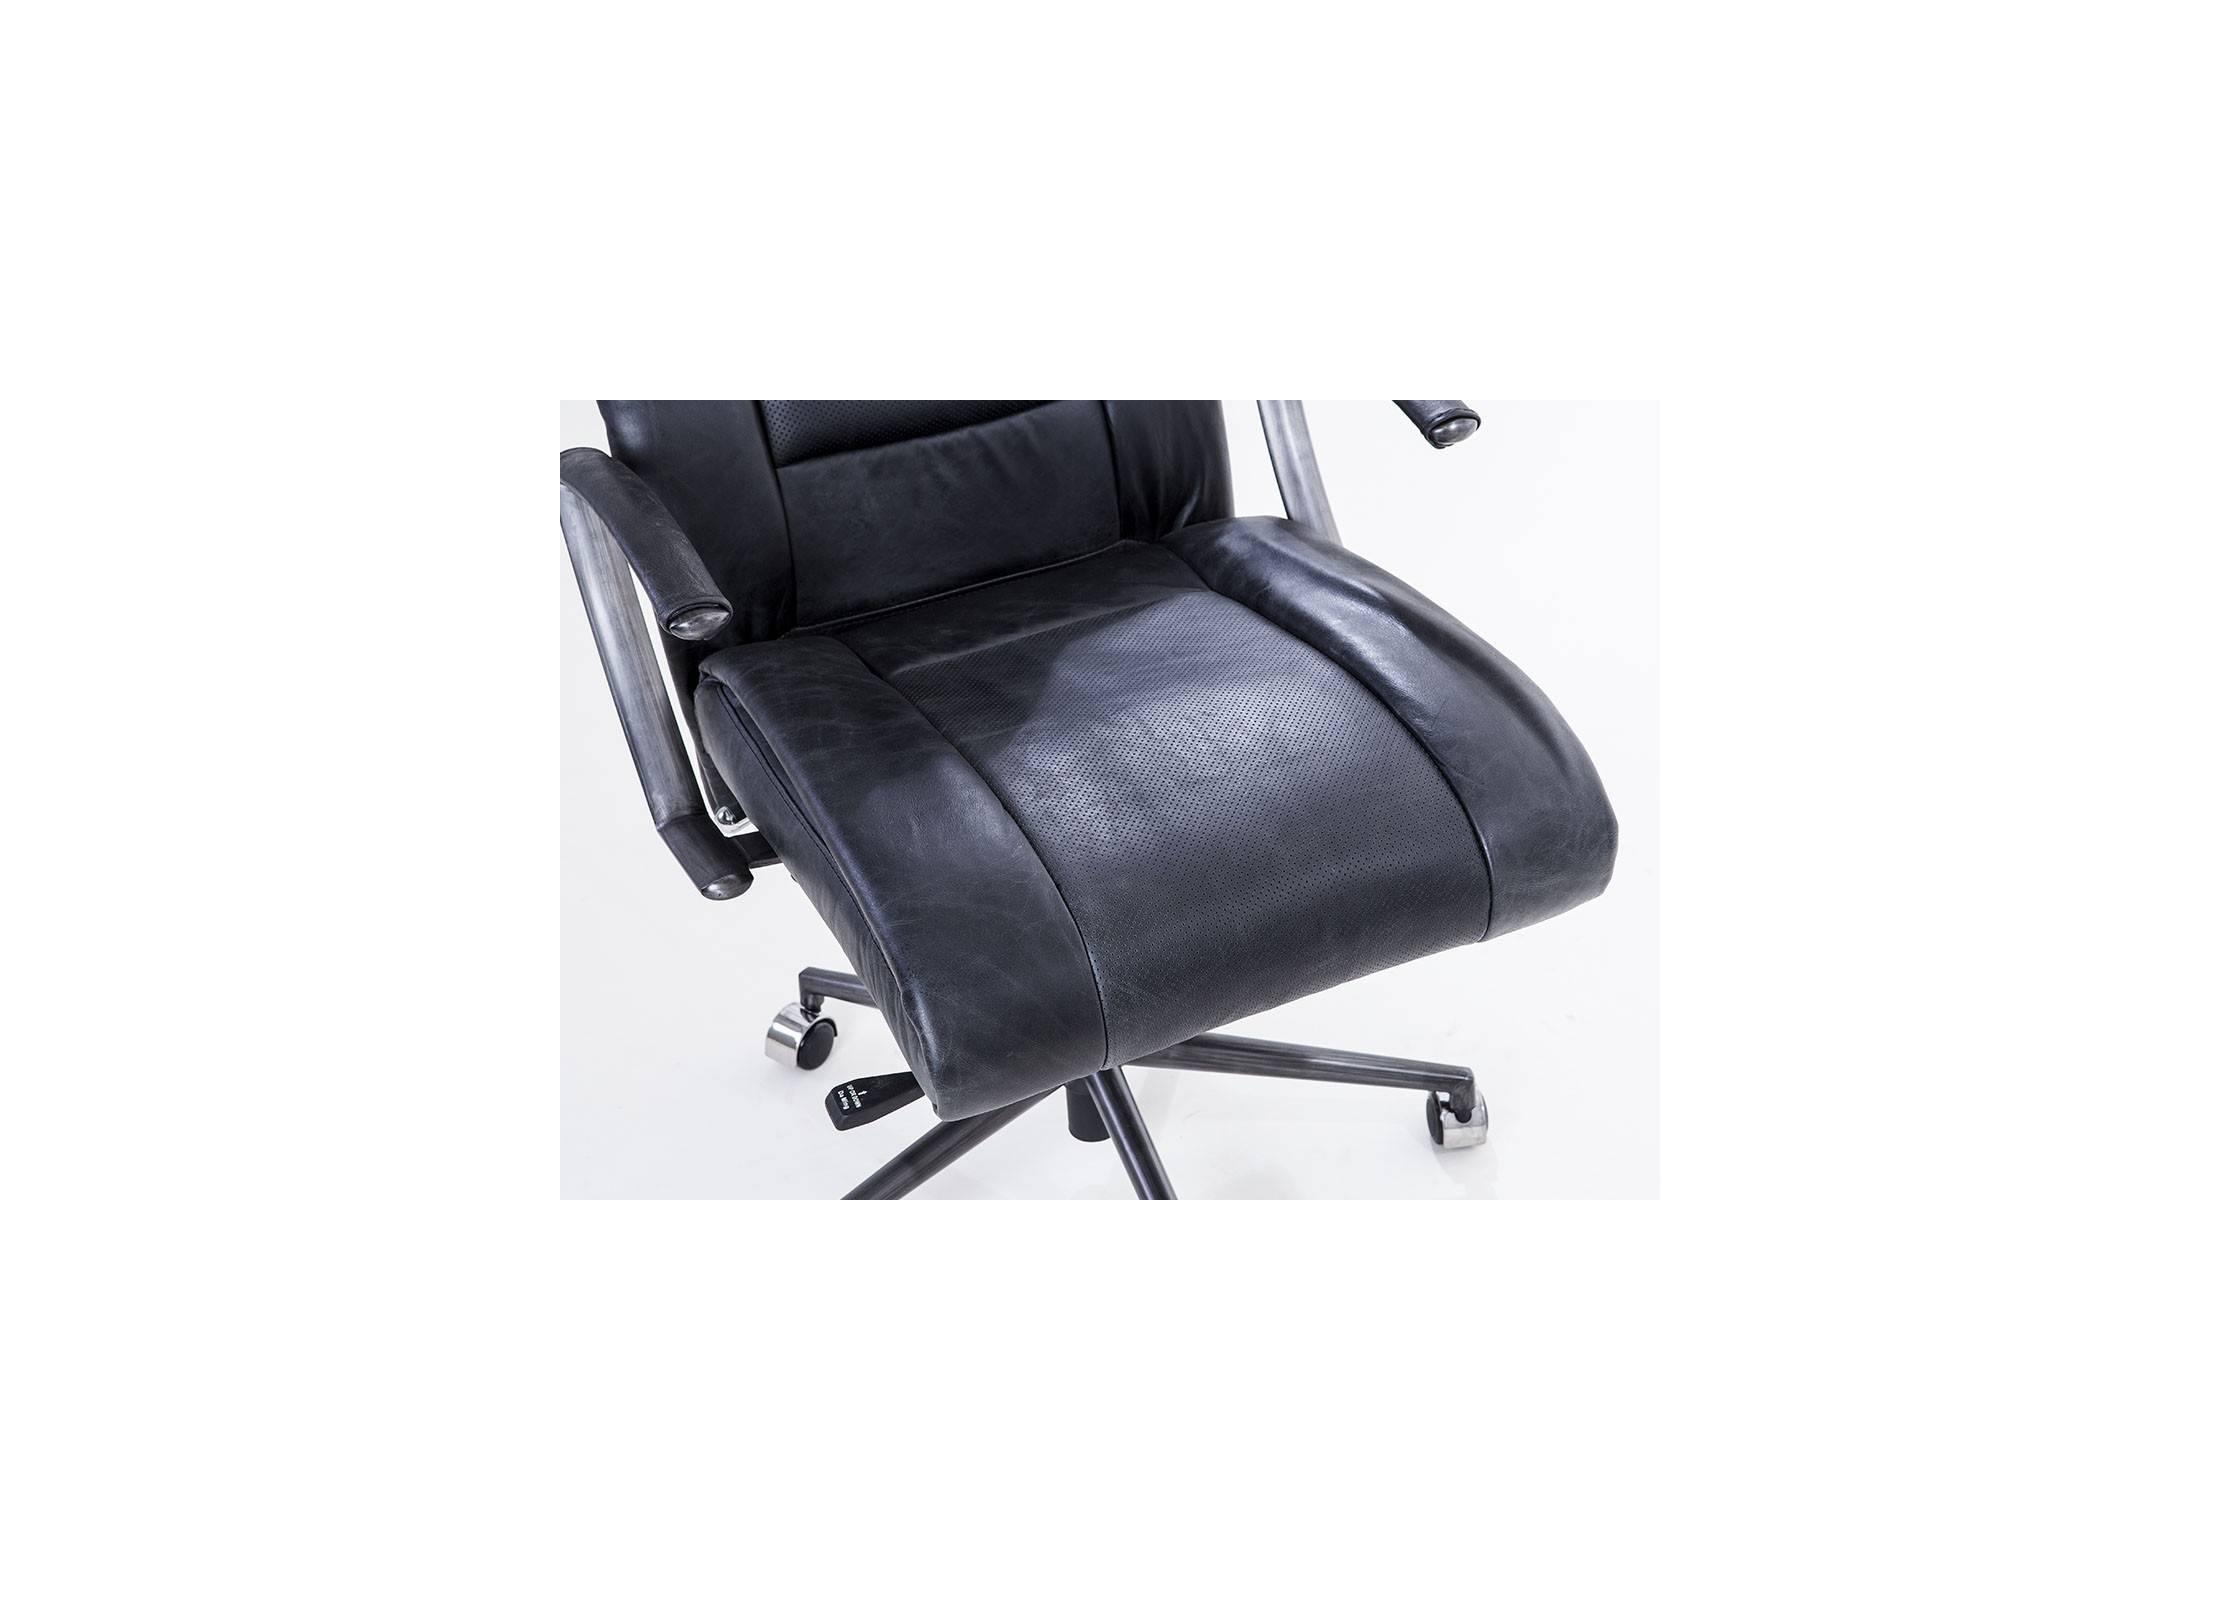 fauteuil de bureau style vintage en cuir noir et m tal avec r glages. Black Bedroom Furniture Sets. Home Design Ideas